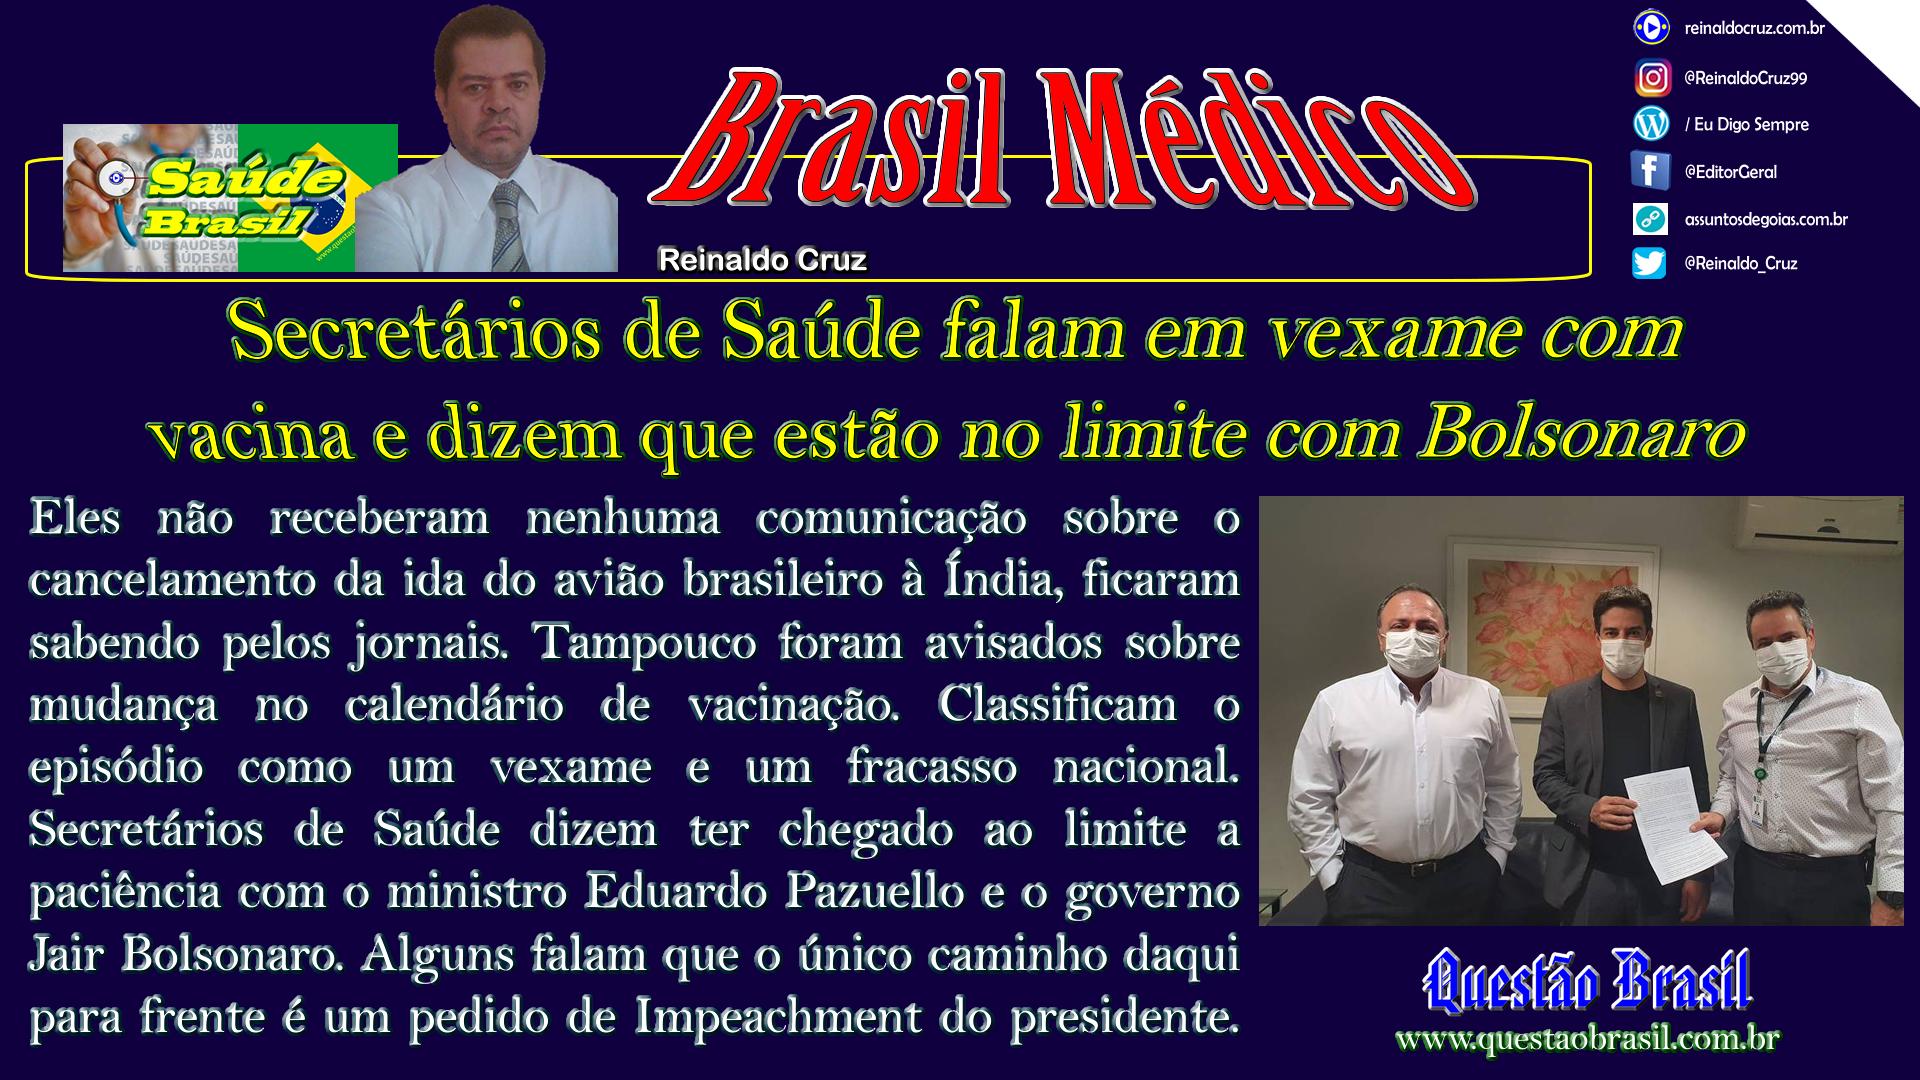 Secretários e Governadores rechaçaram o protagonismo de João Doria no episódio das vacinas, se colocaram ao lado de Bolsonaro e Pazuello, mas agora está difícil esconder a decepção com a inércia do governo federal.